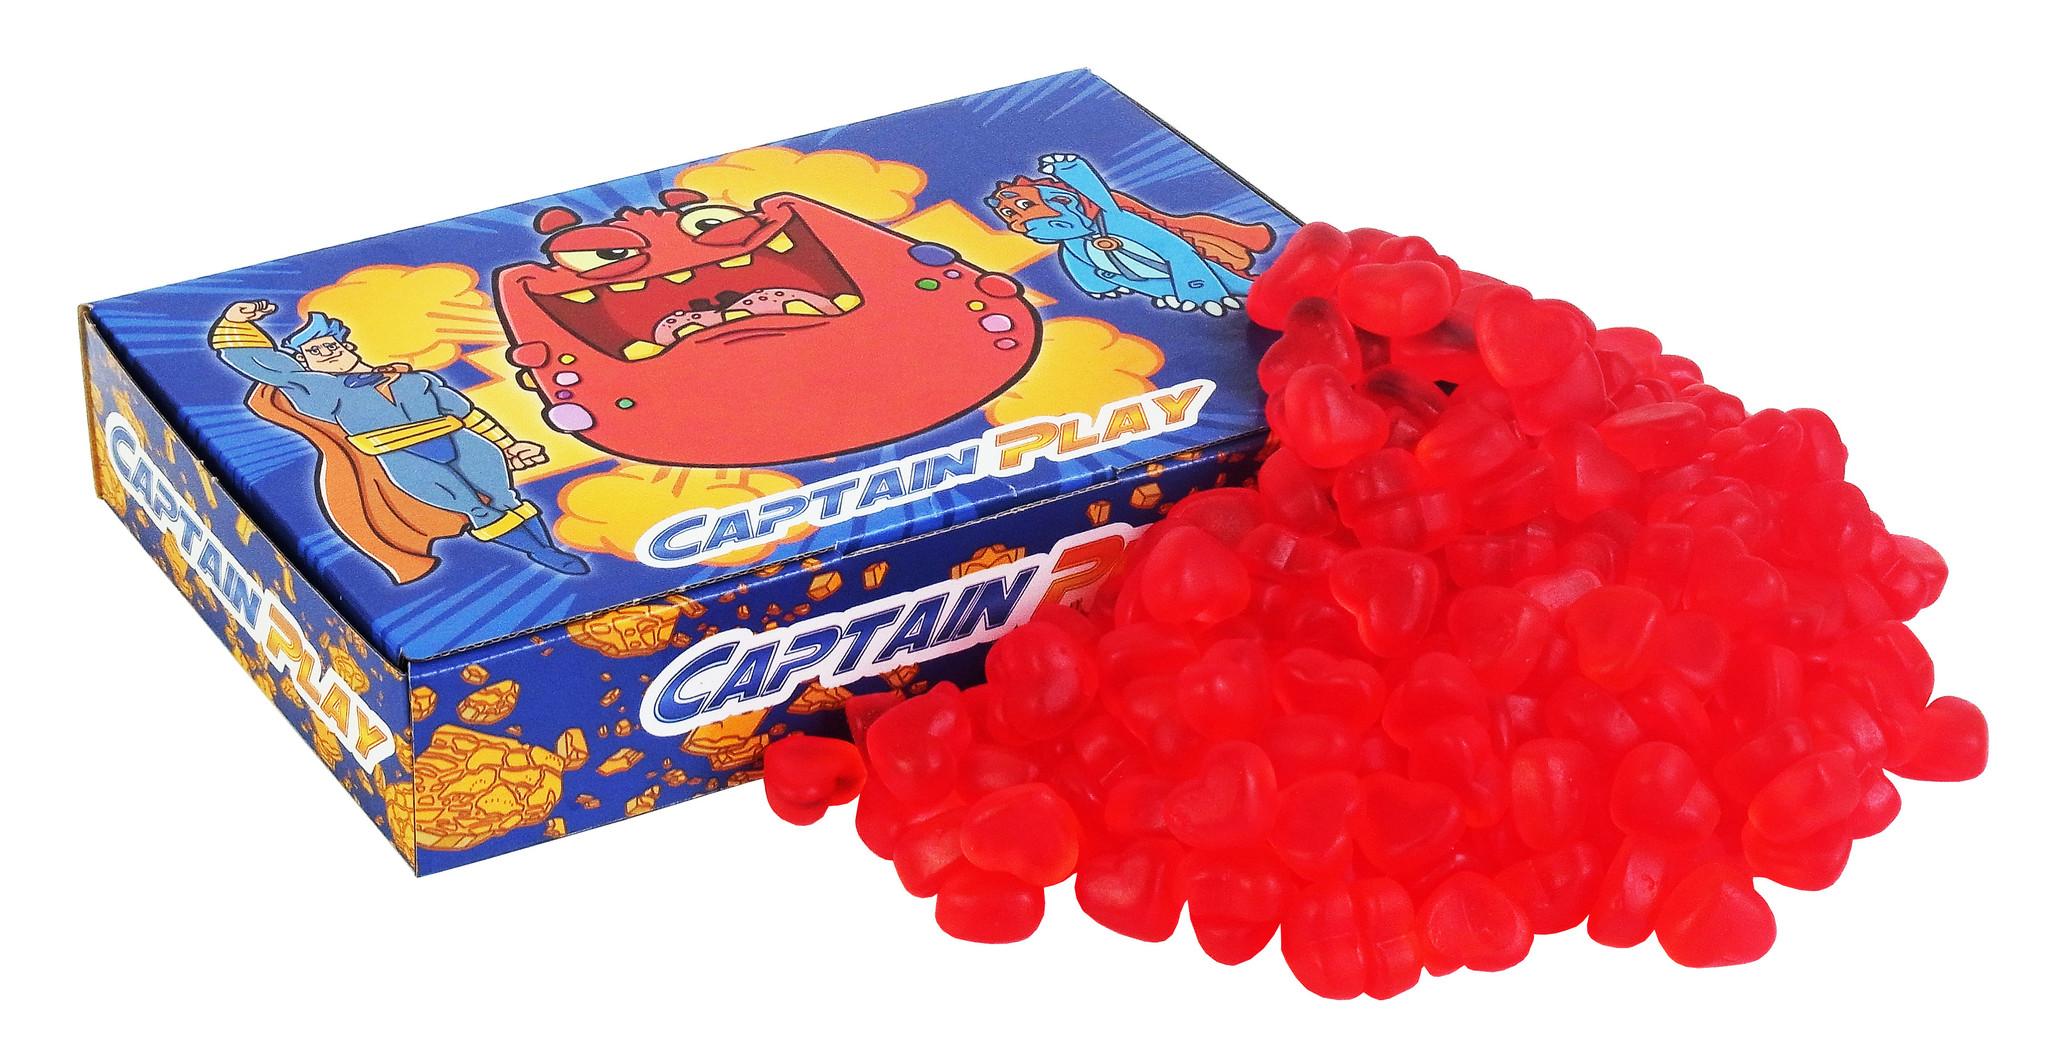 CAPTAIN PLAY 1kg Soft Cherry Hearts,  Herz Deko aus Fruchtgummi, Fruchtgummi Herzen